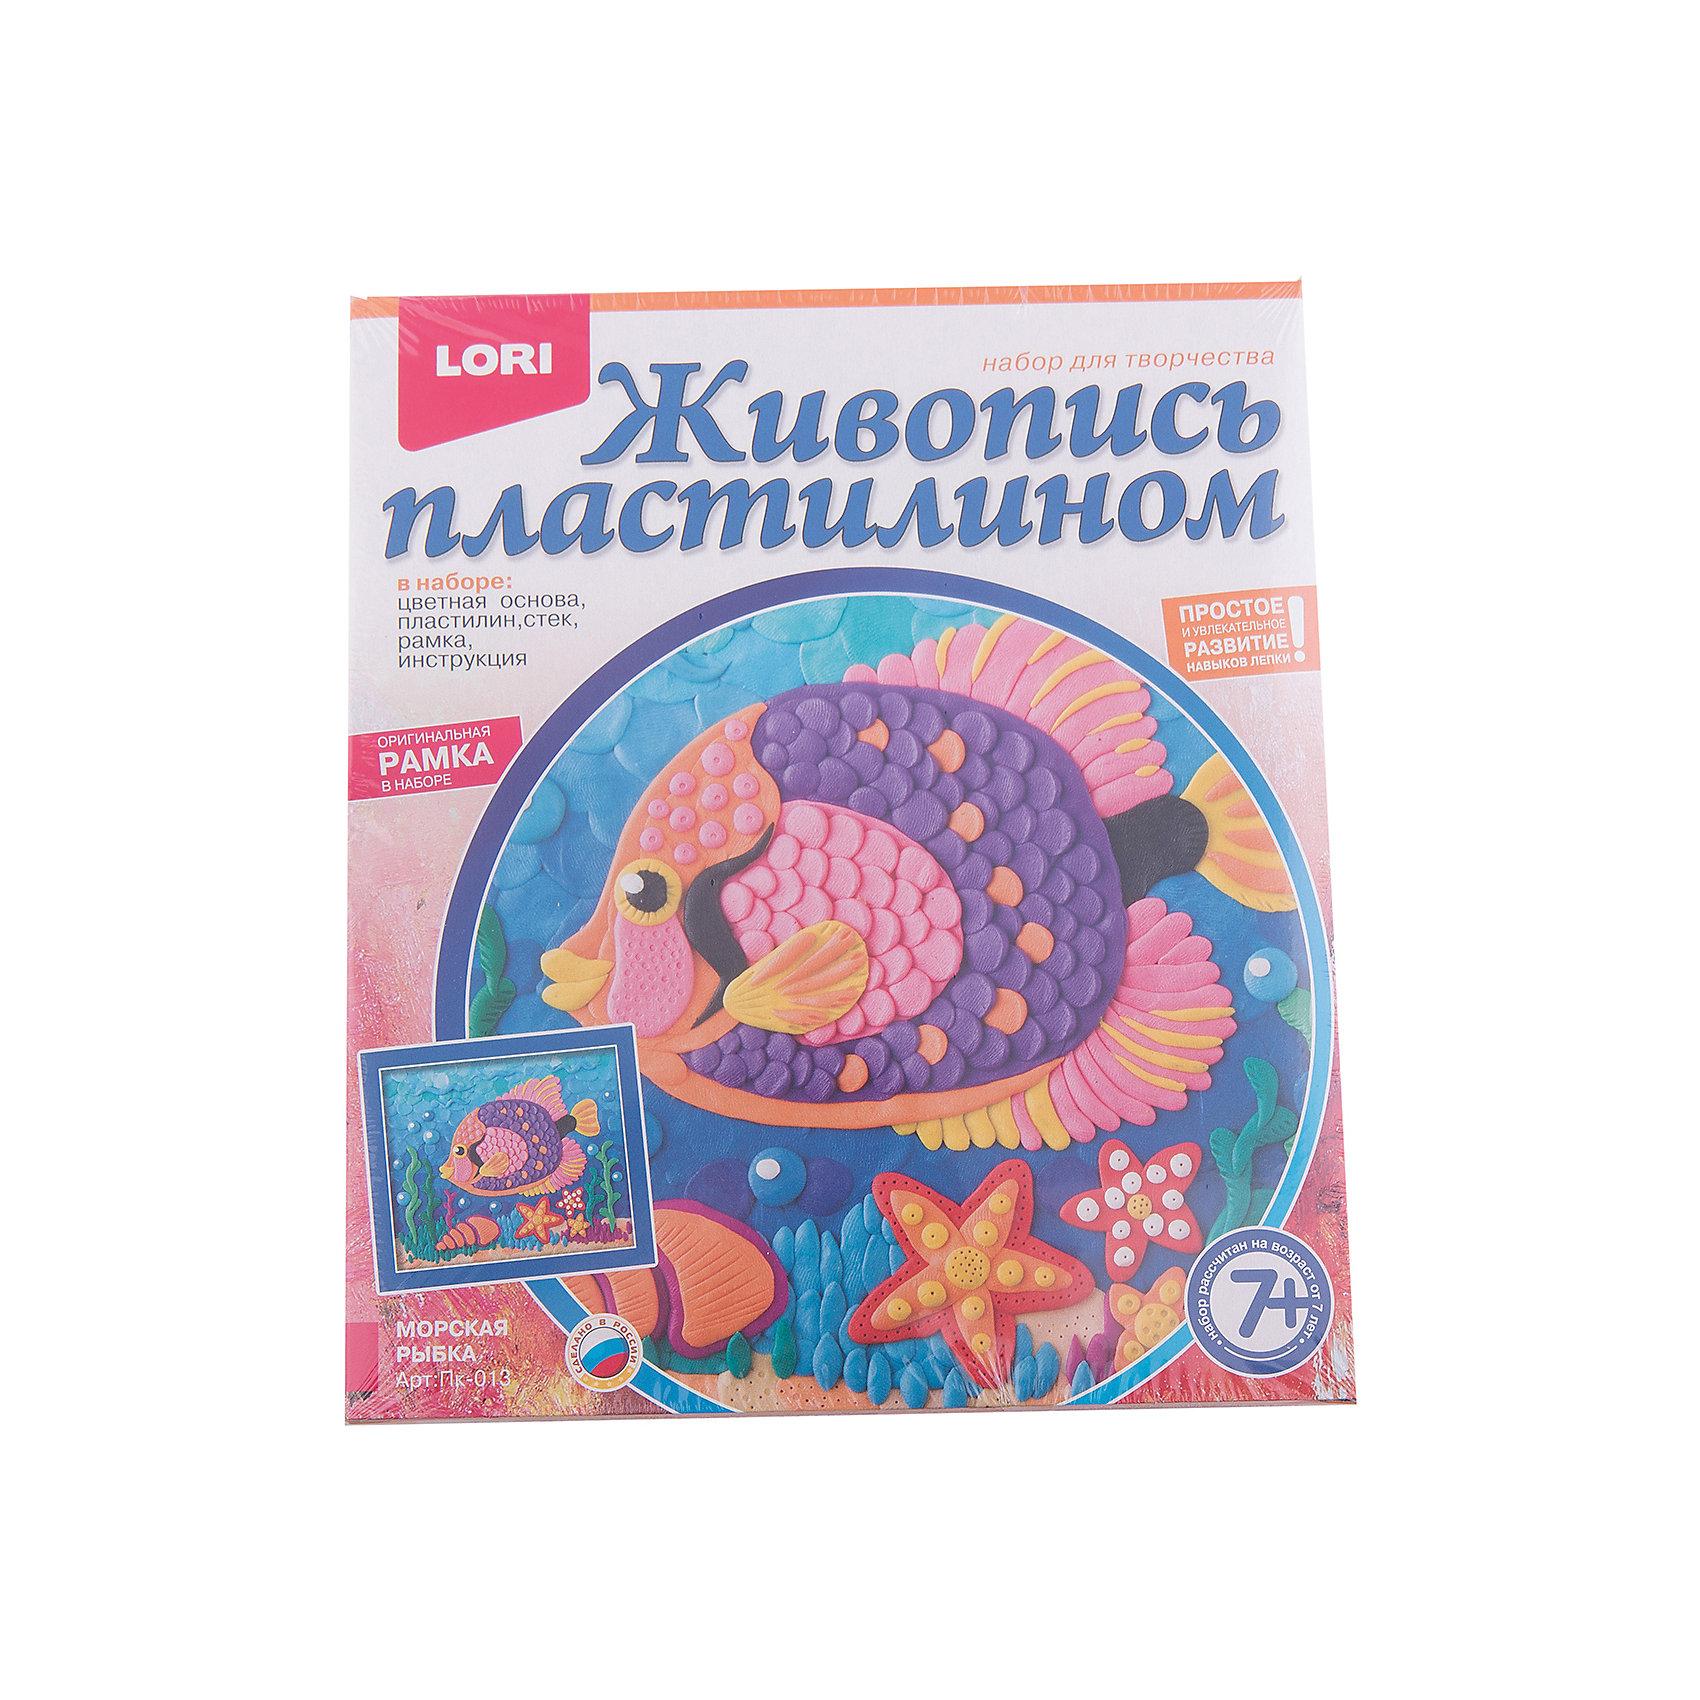 Живопись пластилином Морская рыбка, LORIЛепка<br>Живопись пластилином Морская рыбка, Lori - увлекательный набор для детского творчества, который поможет Вашему ребенку развить свои творческие способности. С помощью цветной основы и пластилина разных цветов он сможет создать красочную картинку с изображением нарядной морской рыбки. Процесс создания картинки не сложен, но увлекателен - пластилин нужно скатывать в шарики и наносить мазками на основу-шаблон. Картинка украсит комнату ребенка или станет подарком, сделанным собственными руками для его друзей и родственников. Набор способствует развитию творческих способностей, образного мышления, воображения, мелкой моторики рук и усидчивости.<br><br>Дополнительная информация:<br><br>- В комплекте: цветная основа, пластилин, стек, рамка, инструкция. <br>- Материал: пластилин.<br>- Размер картинки: 18 x 21 см.<br>- Размер упаковки: 20 x 23 x 4 см.<br>- Вес: 0,2 кг.<br><br>Живопись пластилином Морская рыбка, Lori можно купить в нашем интернет-магазине.<br><br>Ширина мм: 200<br>Глубина мм: 230<br>Высота мм: 40<br>Вес г: 238<br>Возраст от месяцев: 84<br>Возраст до месяцев: 156<br>Пол: Унисекс<br>Возраст: Детский<br>SKU: 3970831